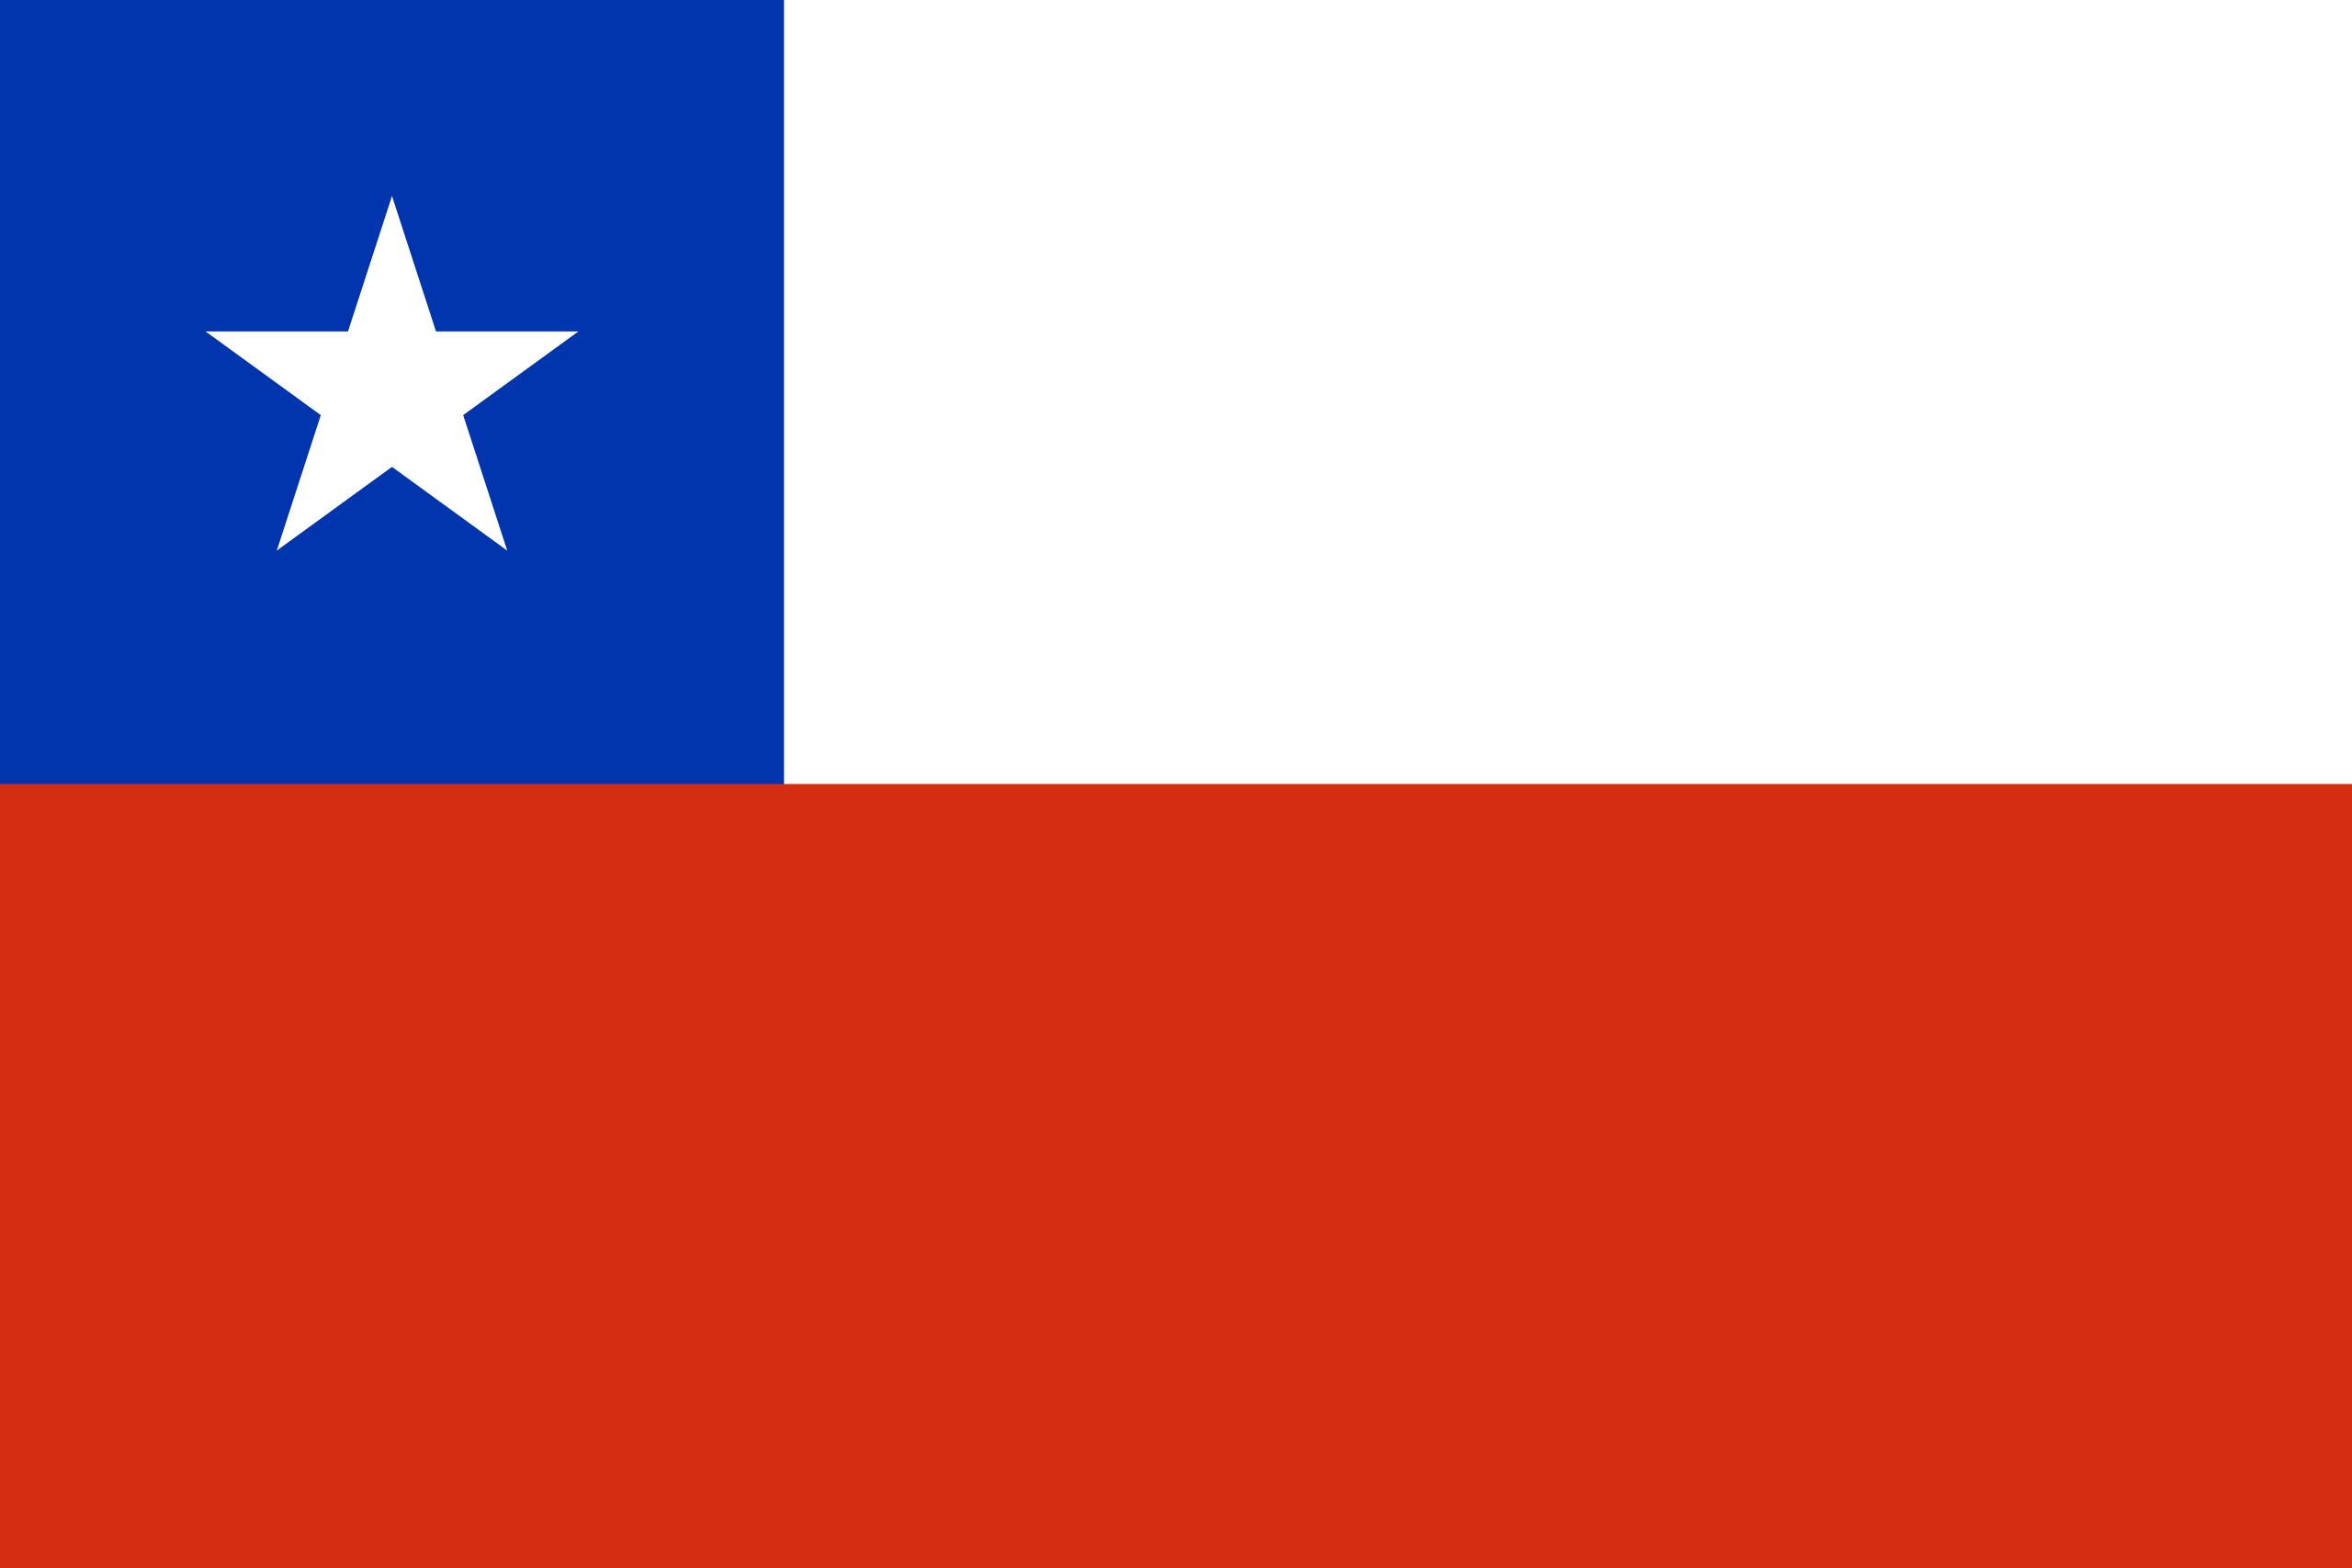 Chili, pays, emblème, logo, symbole - Fonds d'écran HD - Professor-falken.com